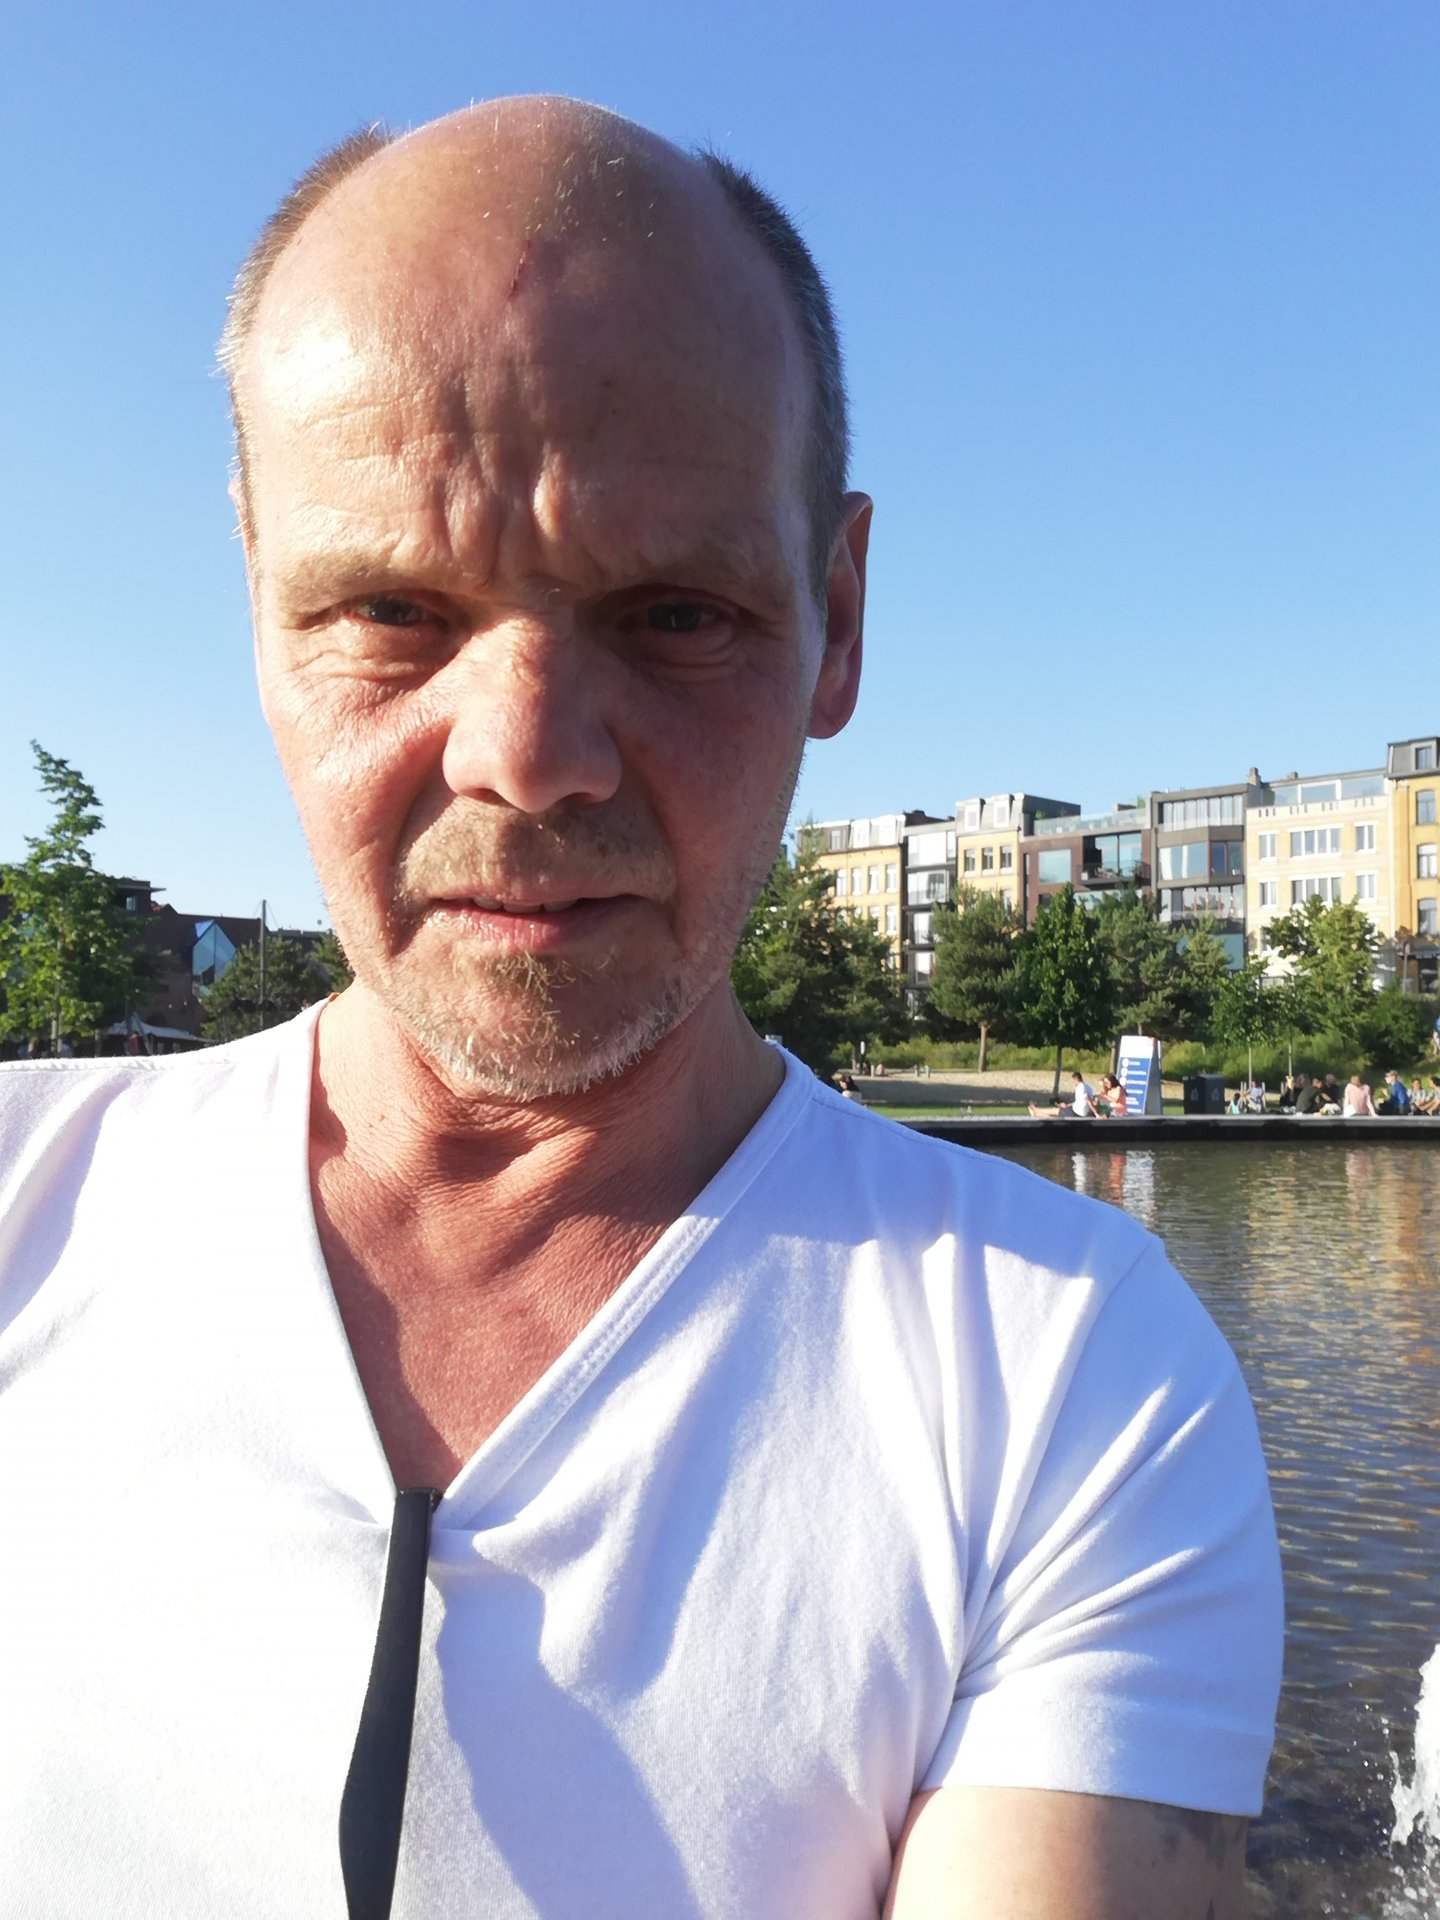 Guido  uit Antwerpen,Belgie